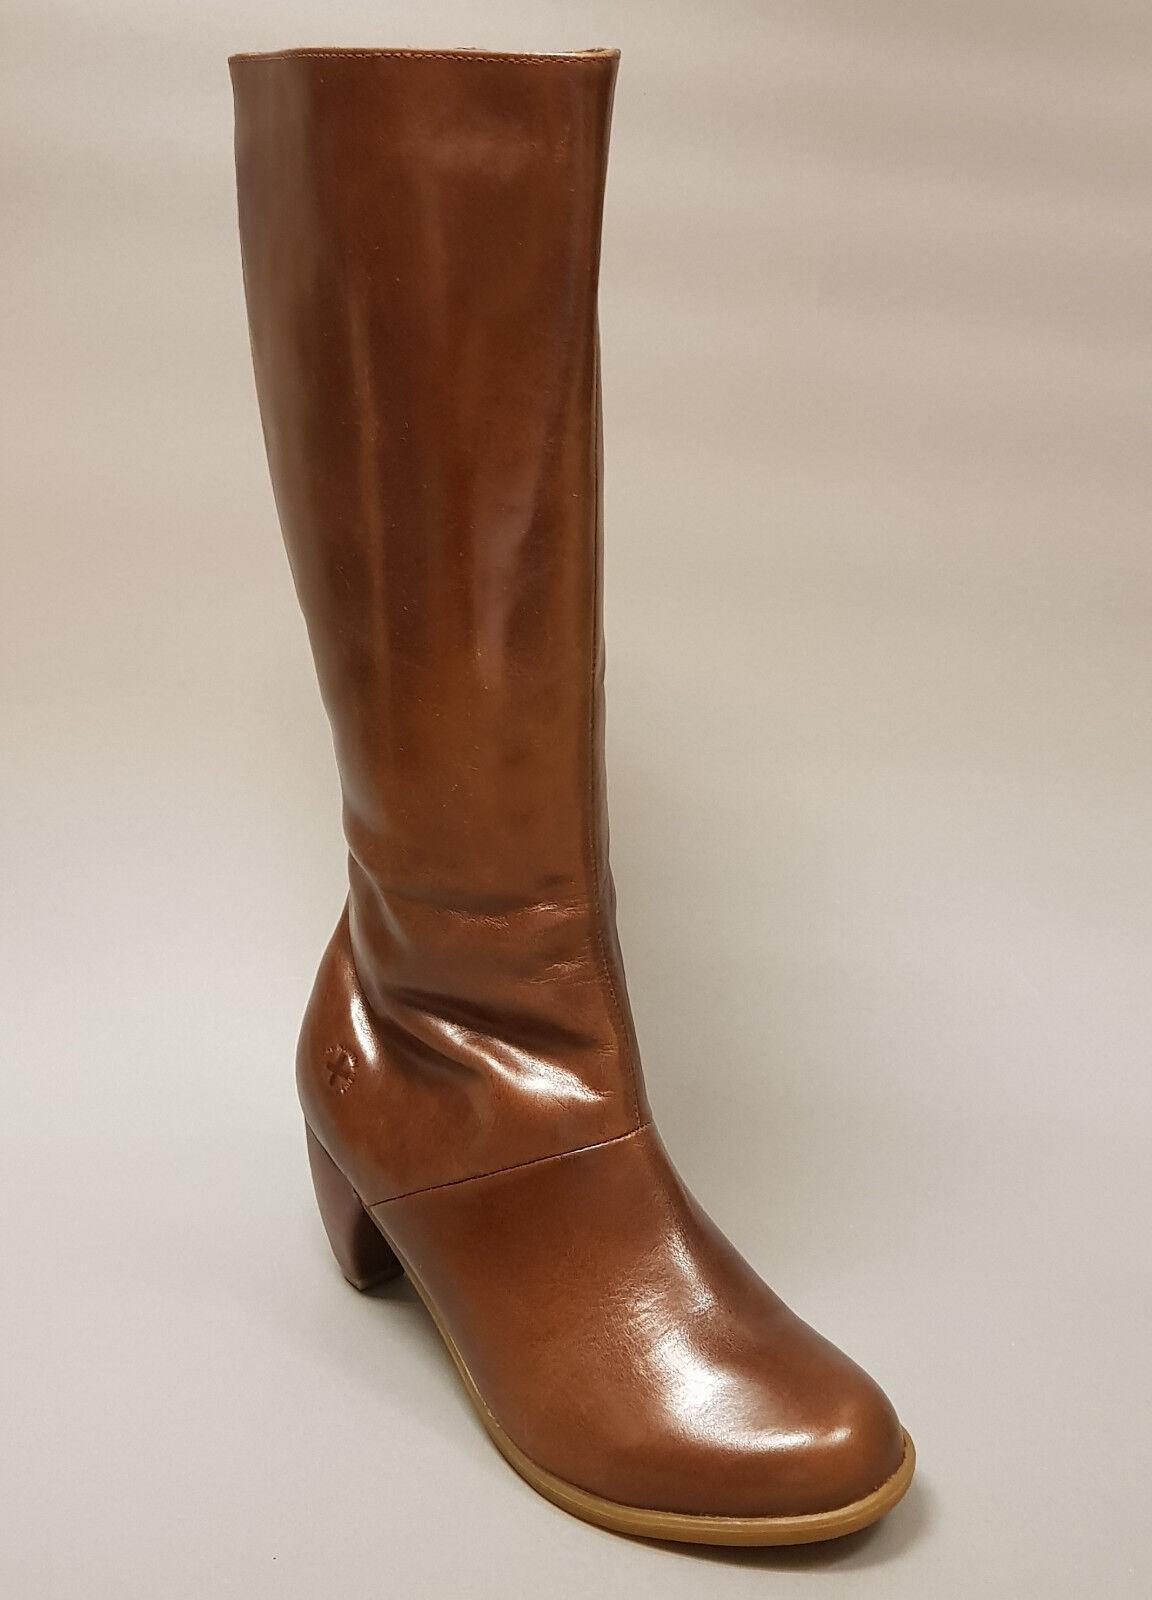 Dr. Martens Vanna Dark braun Palatino 12938200 Stiefel Damen Leder braun Gr. 37